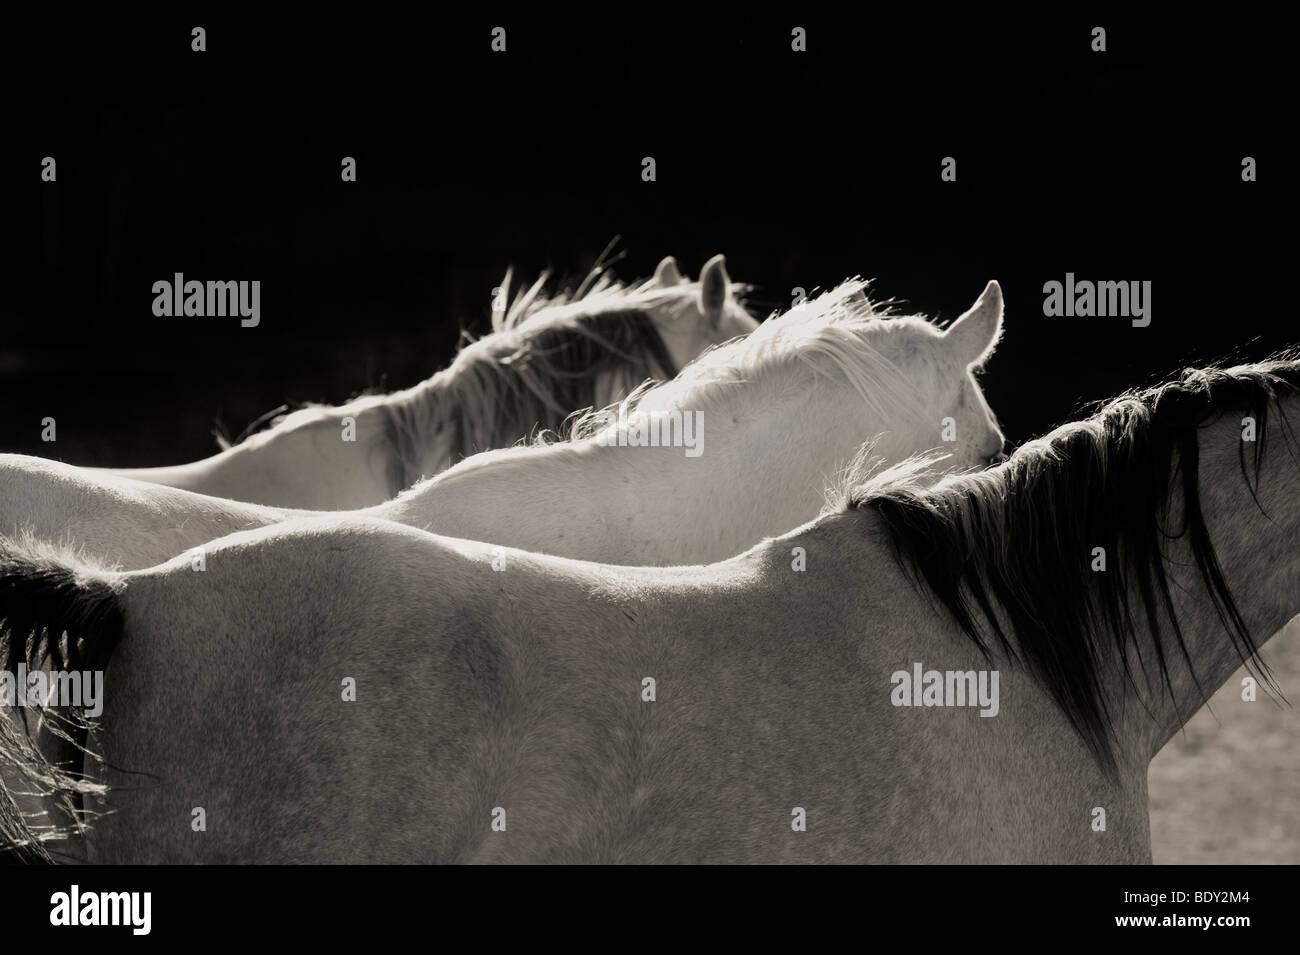 Three Horses in a Row - Stock Image